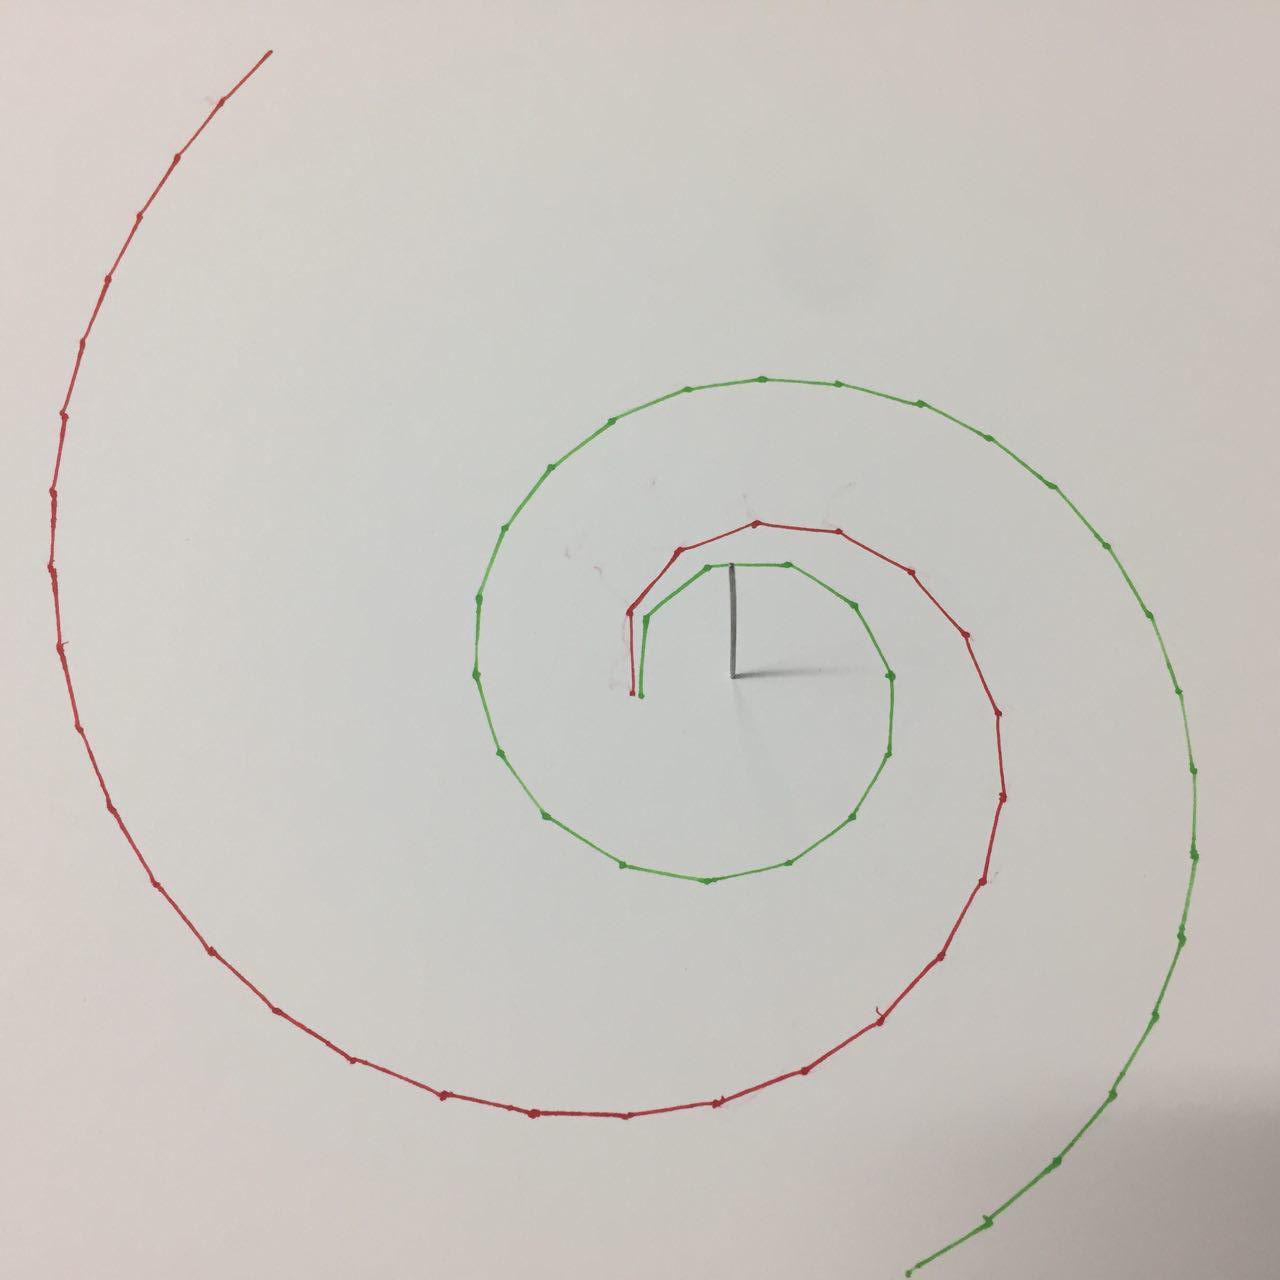 Una regla para dibujar espirales logarítmicas y deshacer mitos